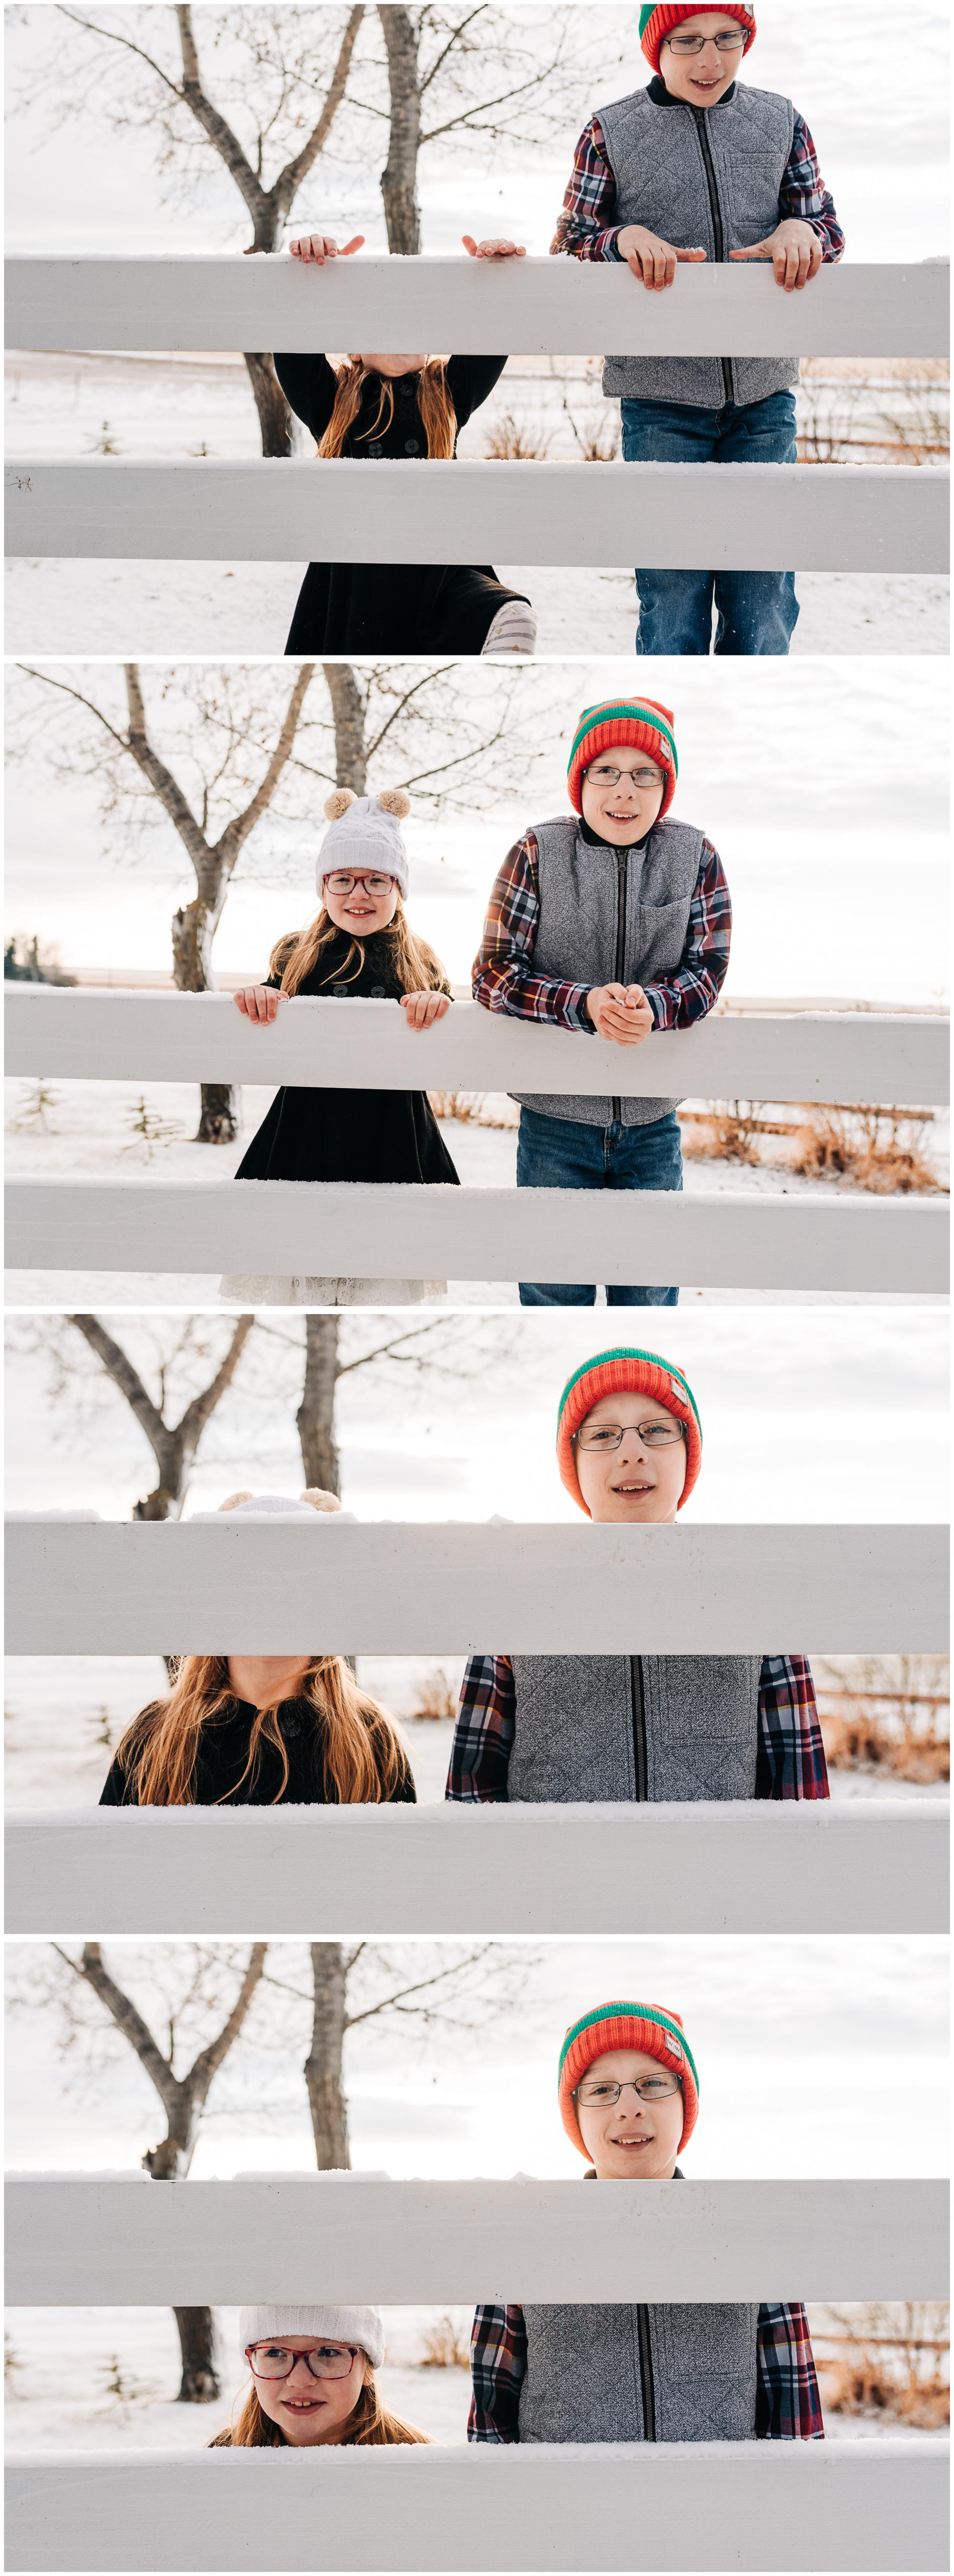 Winter Wonderland Family Session